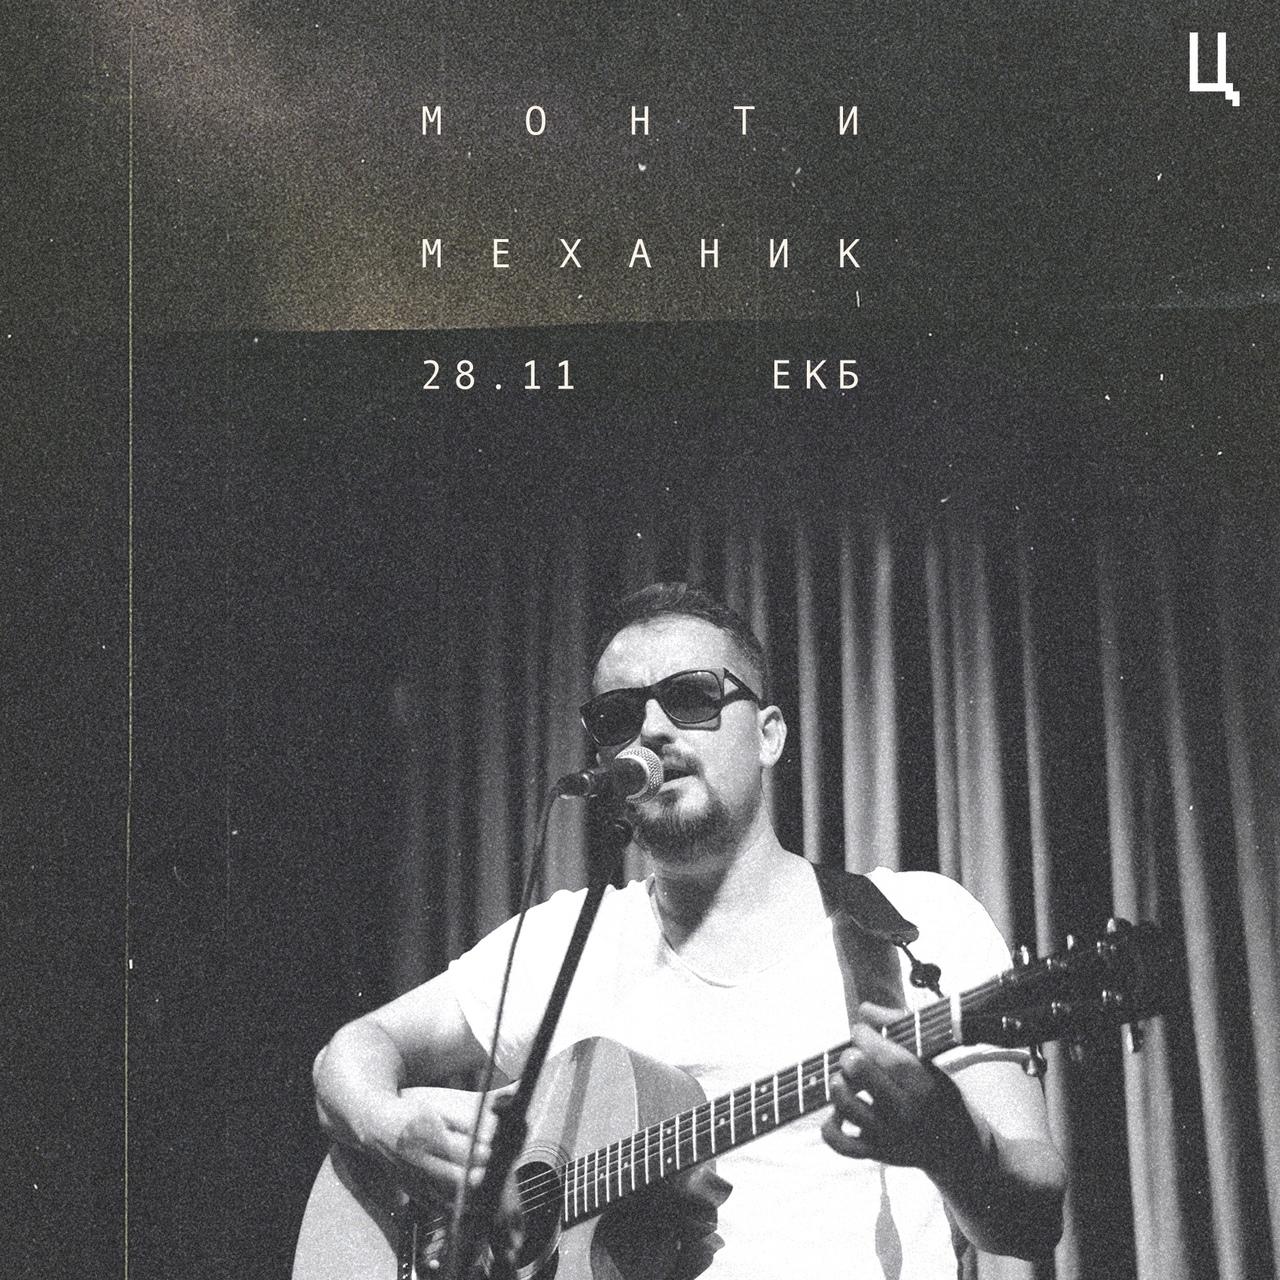 Афиша Монти Механик Акустика в Екатеринбурге